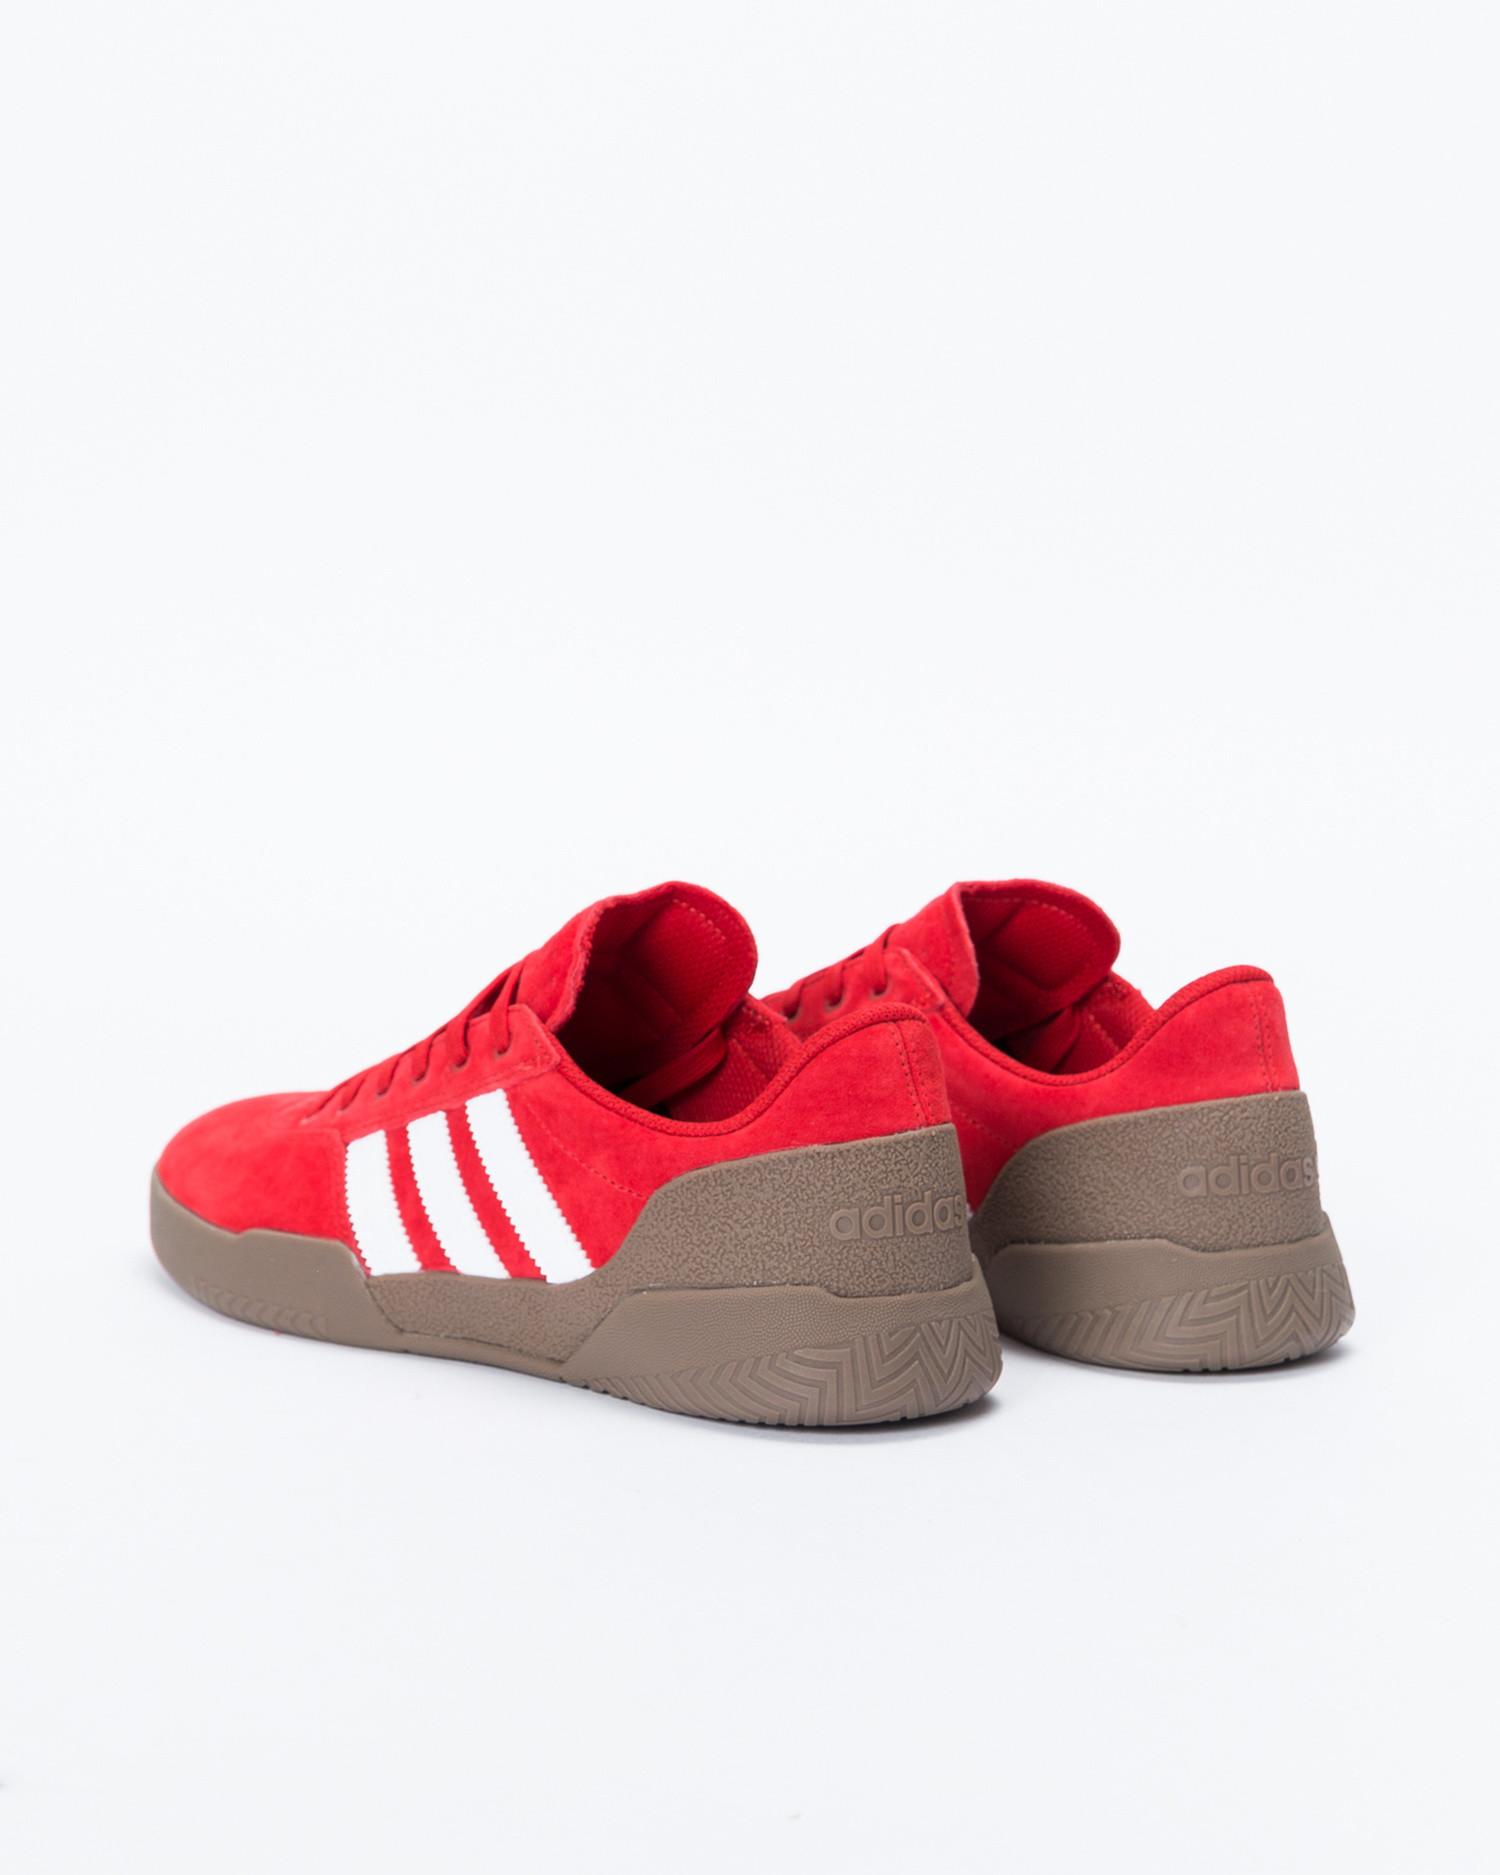 Adidas city cup scarle/ftwwht/gum5